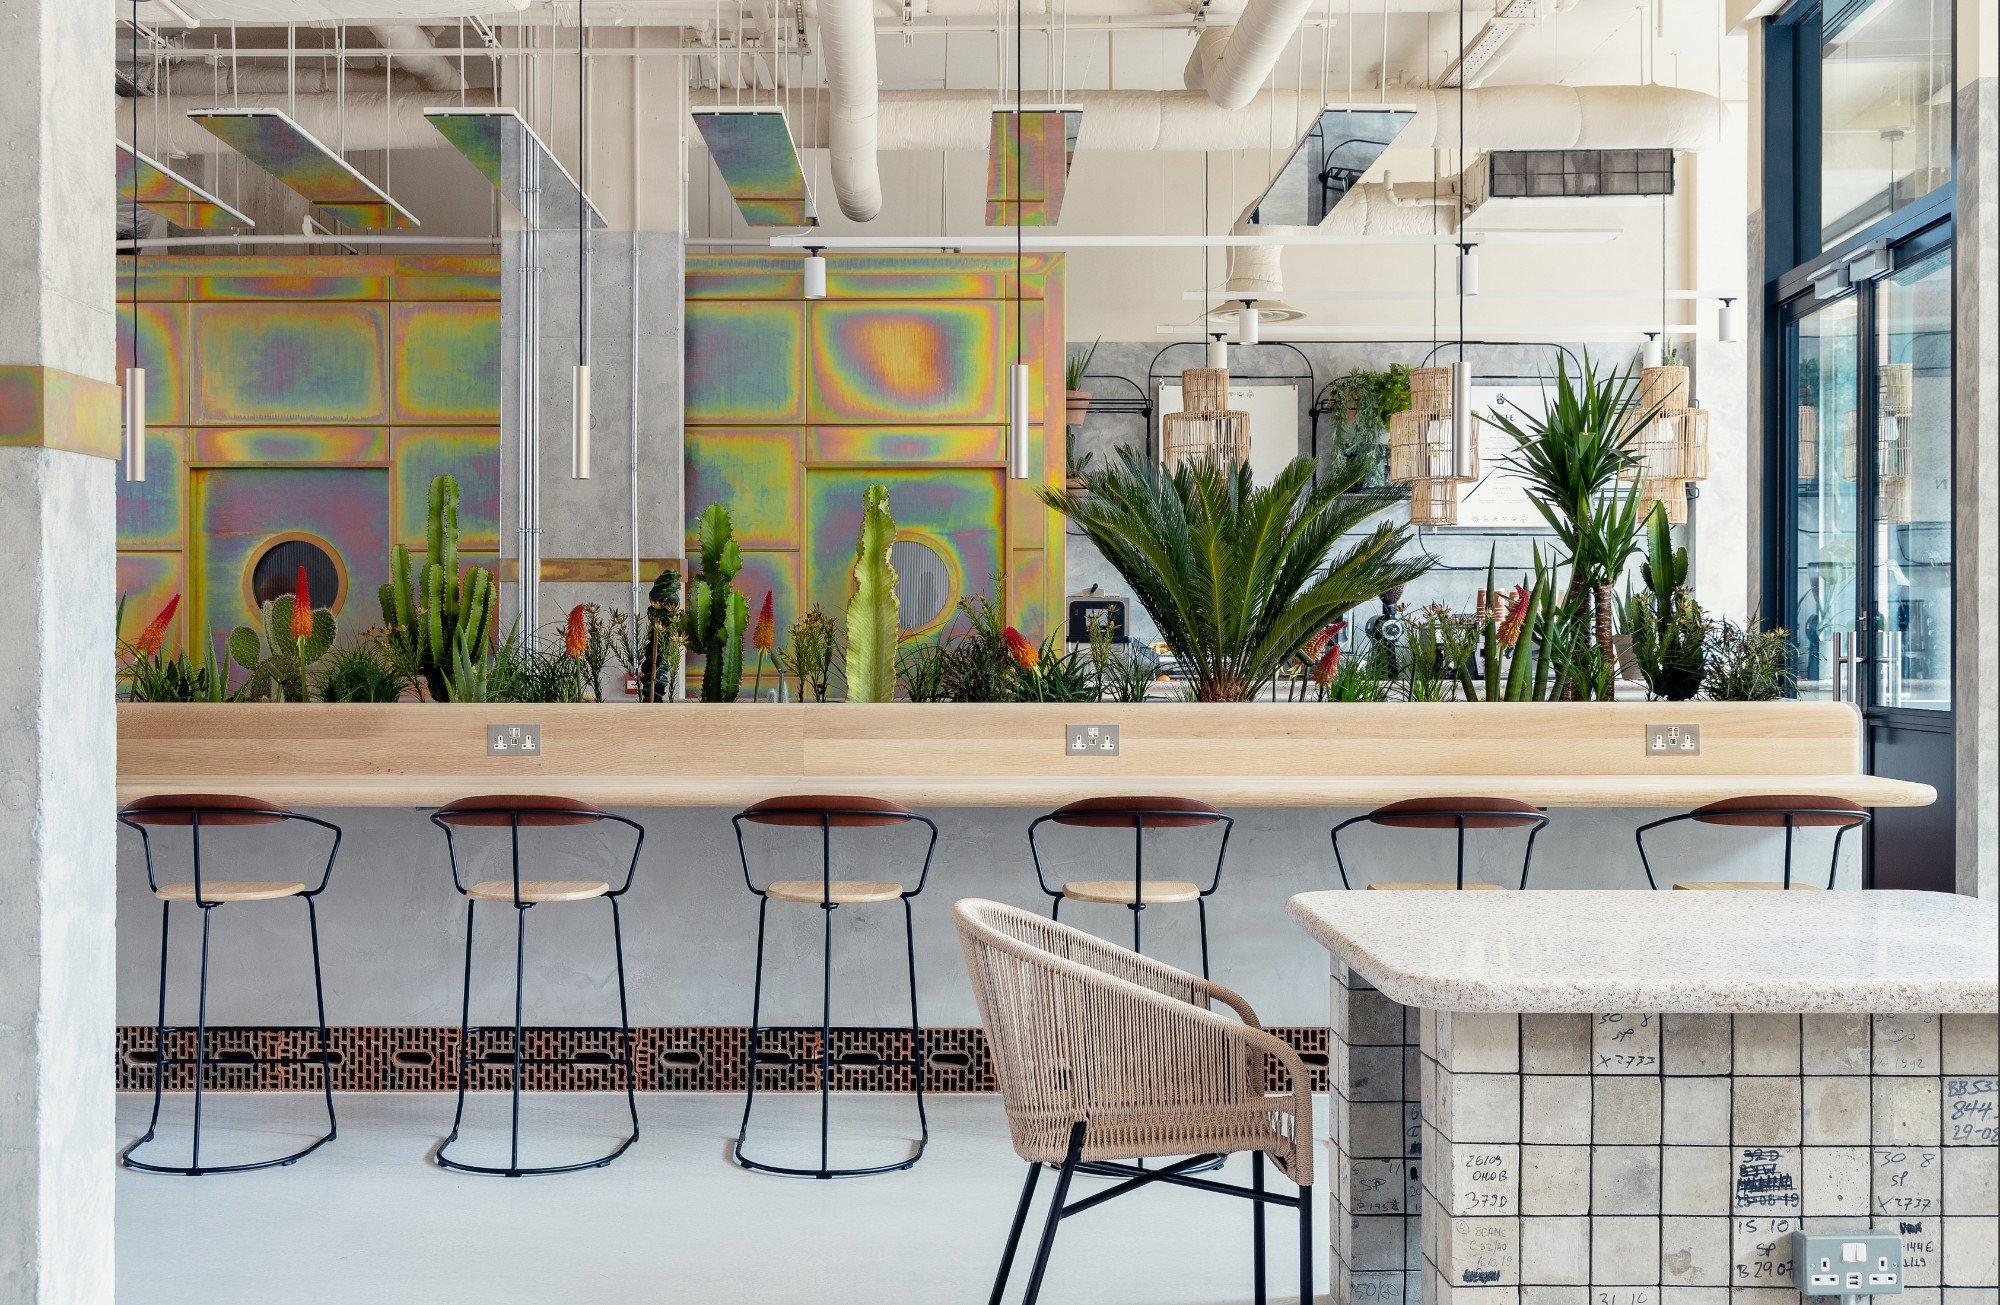 Holloway Li gestalteten ein Hotel in London, das Upcycling mit Co-Working und Zuhause-Gefühlverbindet. Inspiration fanden sie in einer kalifornischen Wüste. Foto: Edmund Dabney